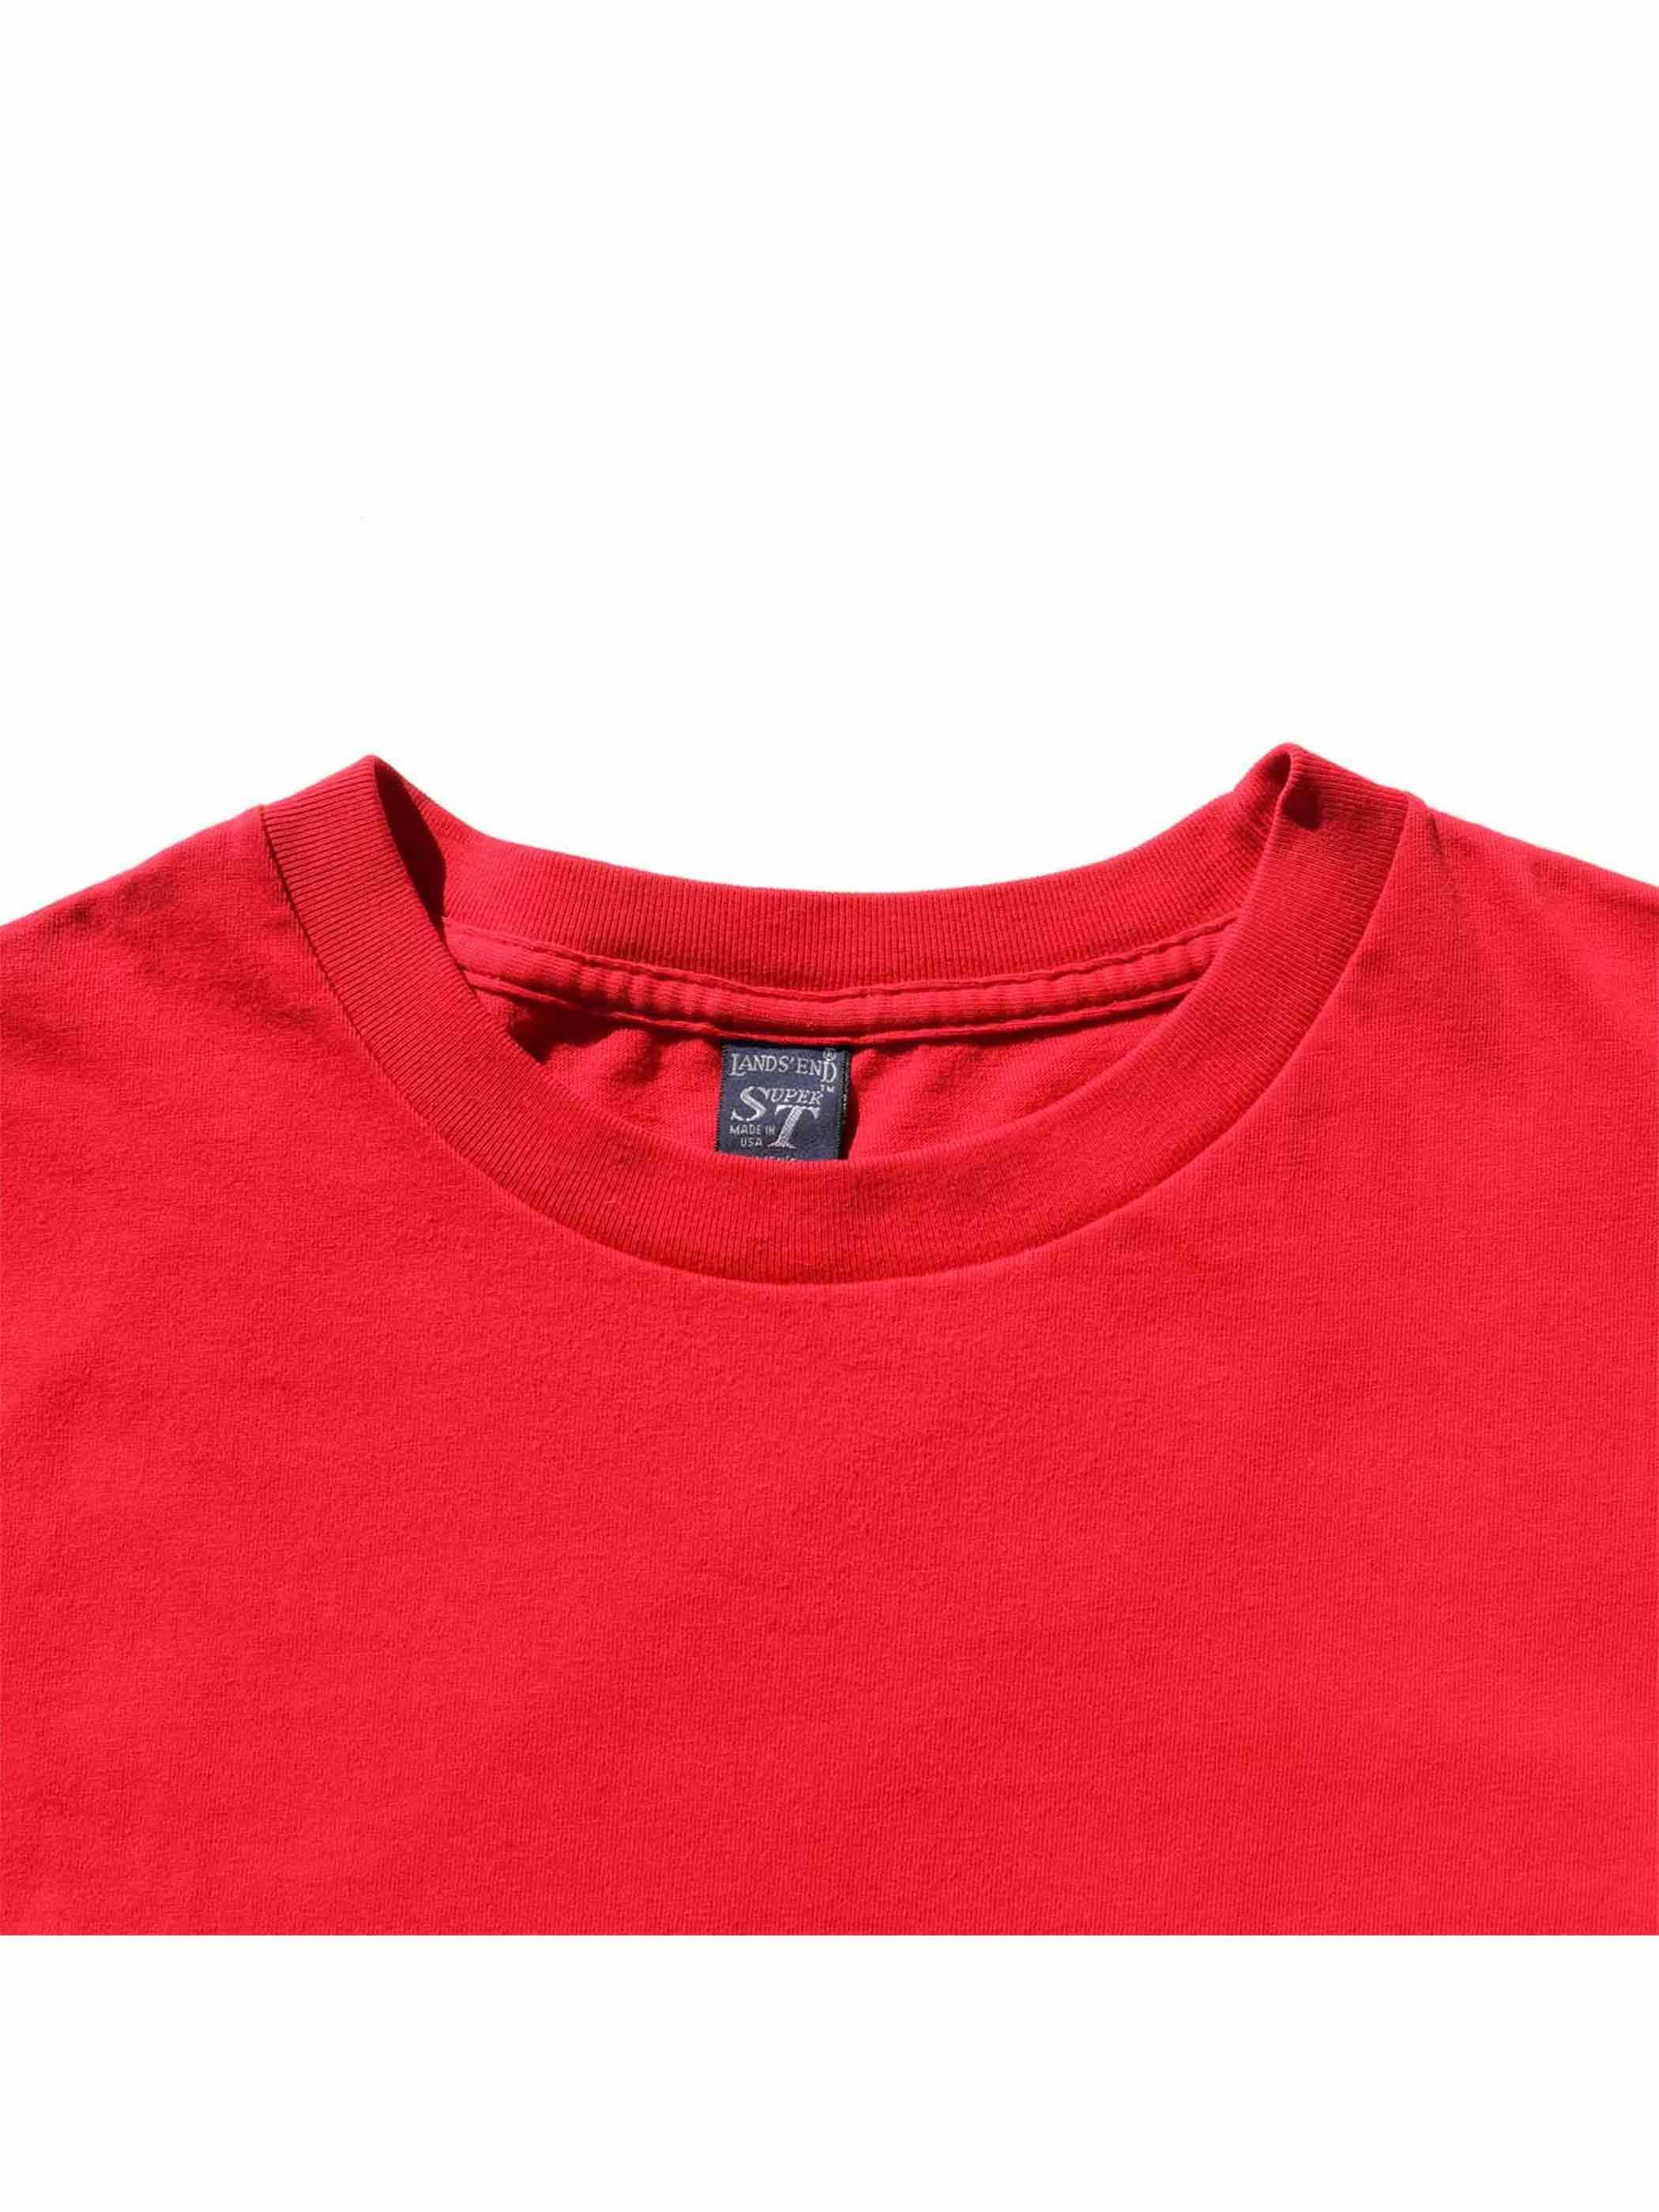 80's~ LANDS' END USA製 レッド ポケットTシャツ [L]